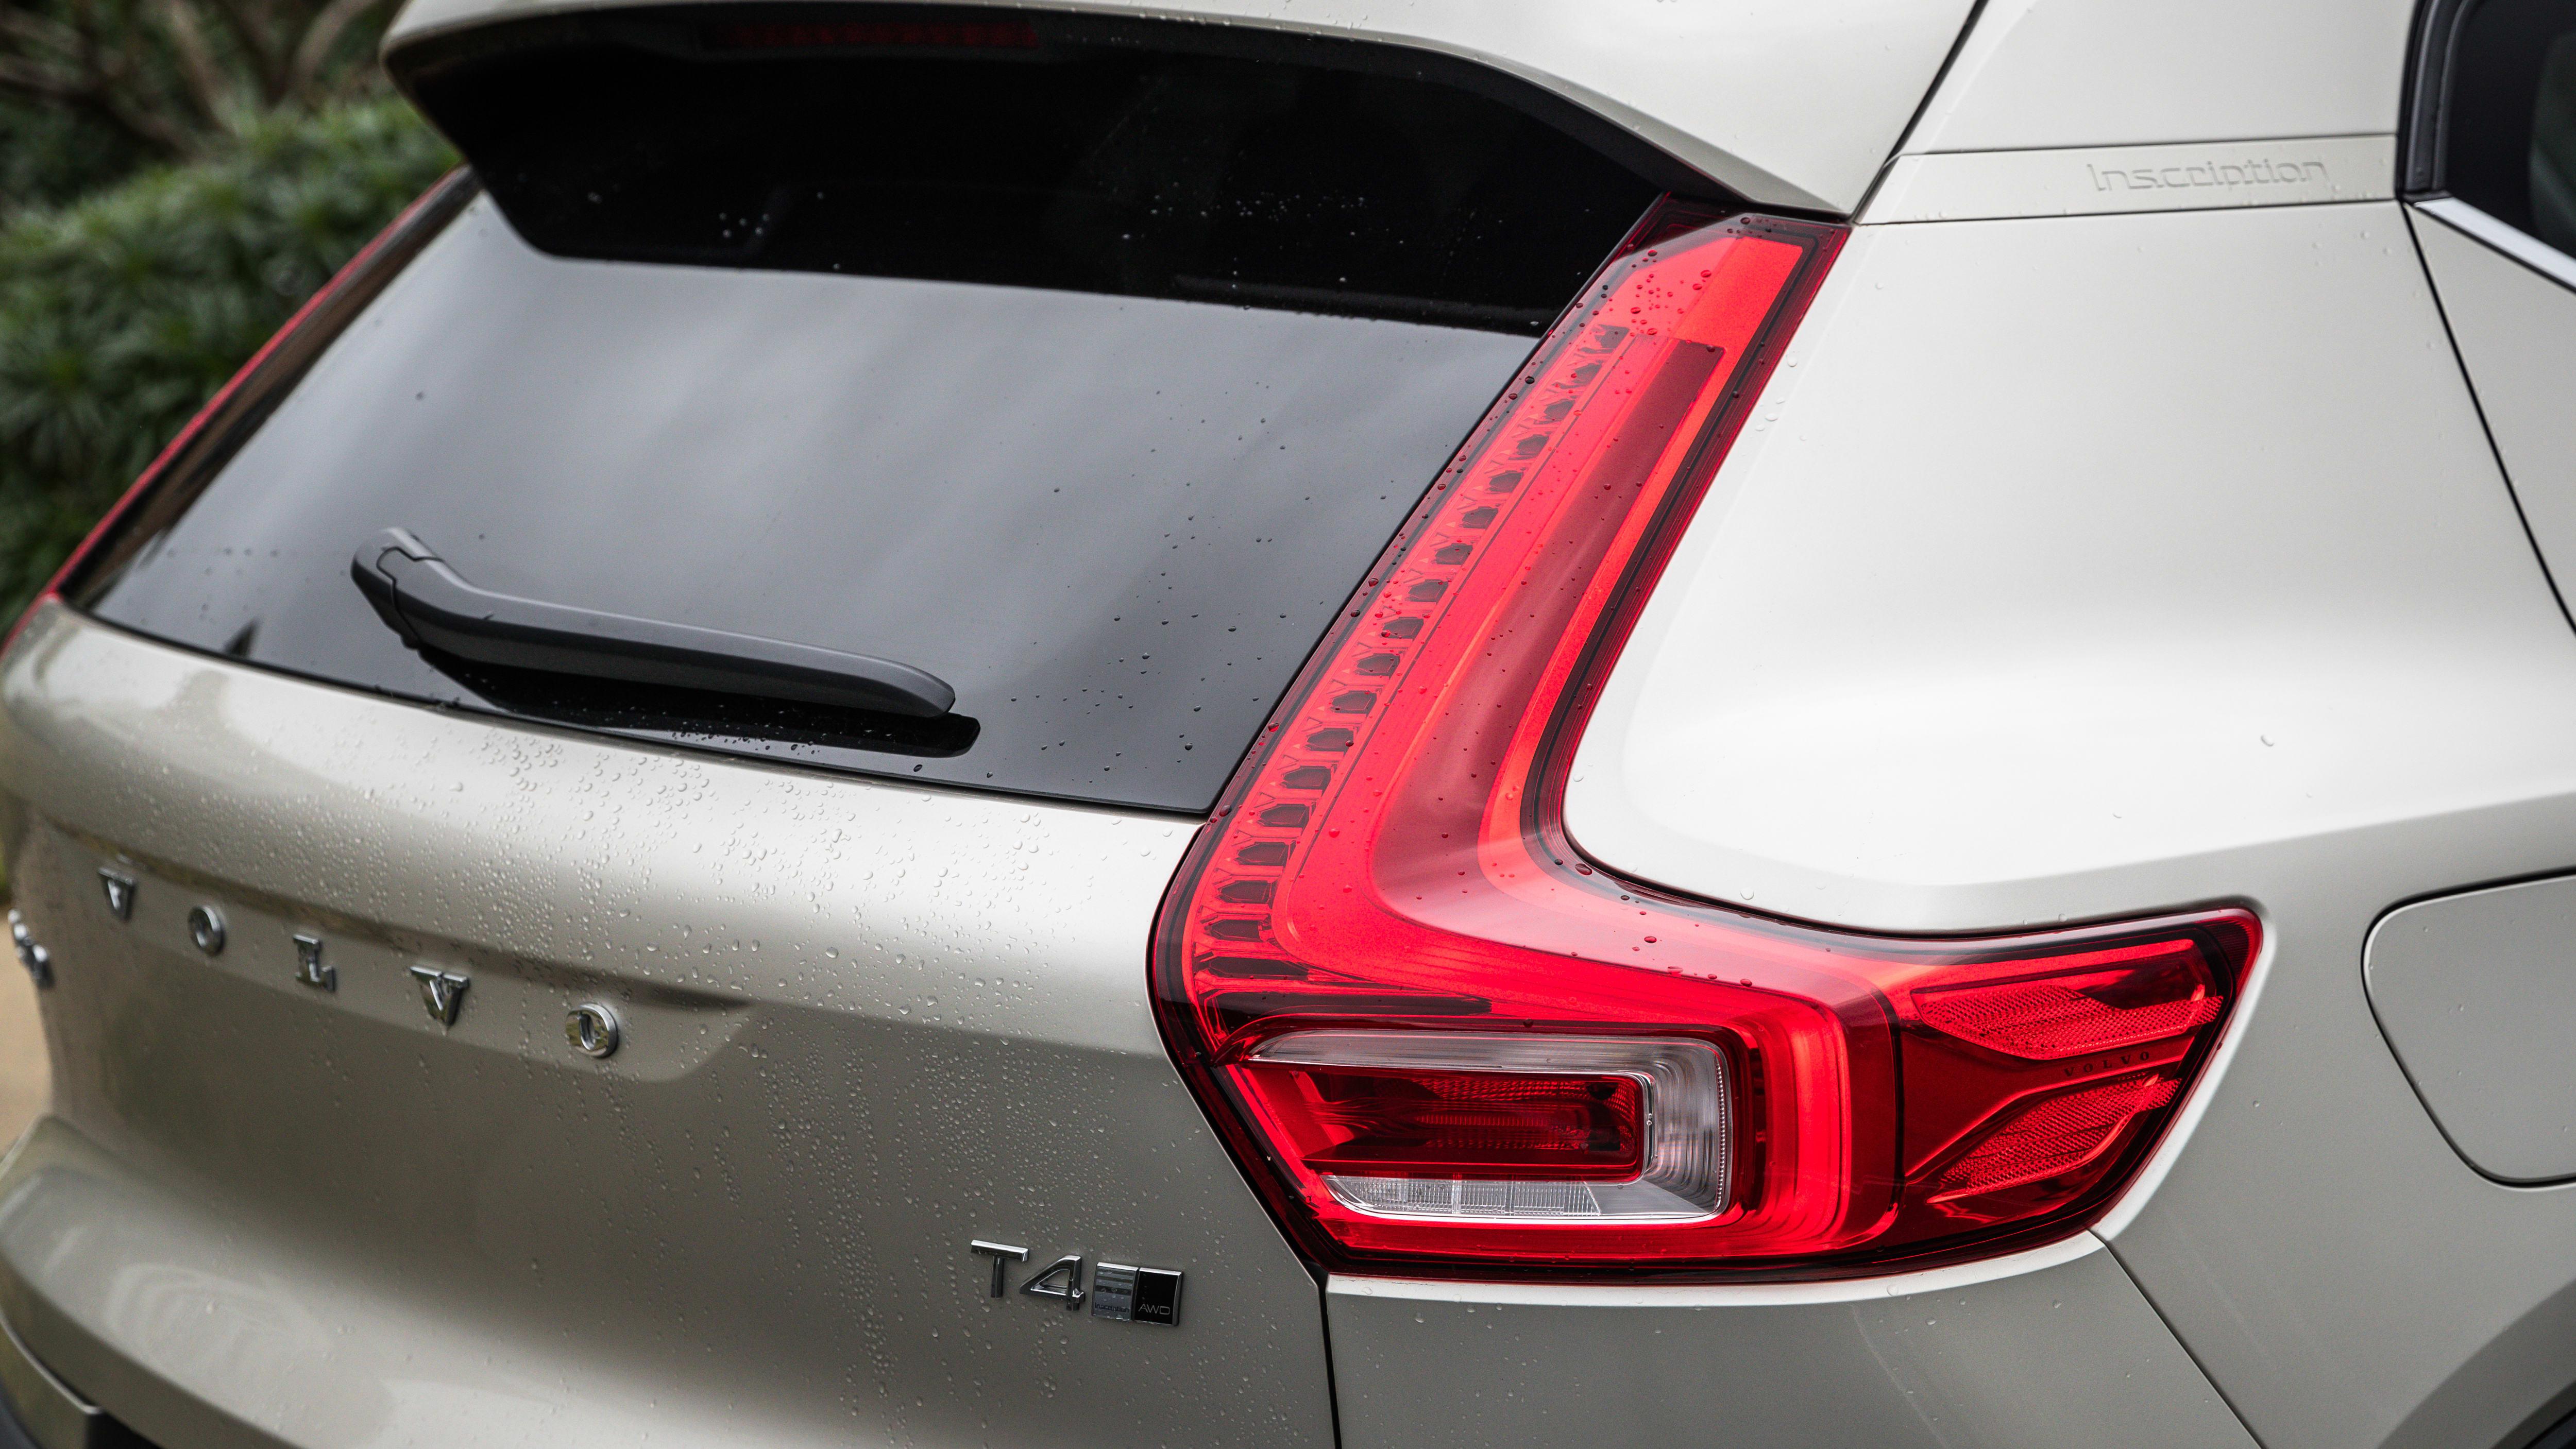 2019 Range Rover Evoque v Jaguar E-Pace v Lexus UX v Volvo